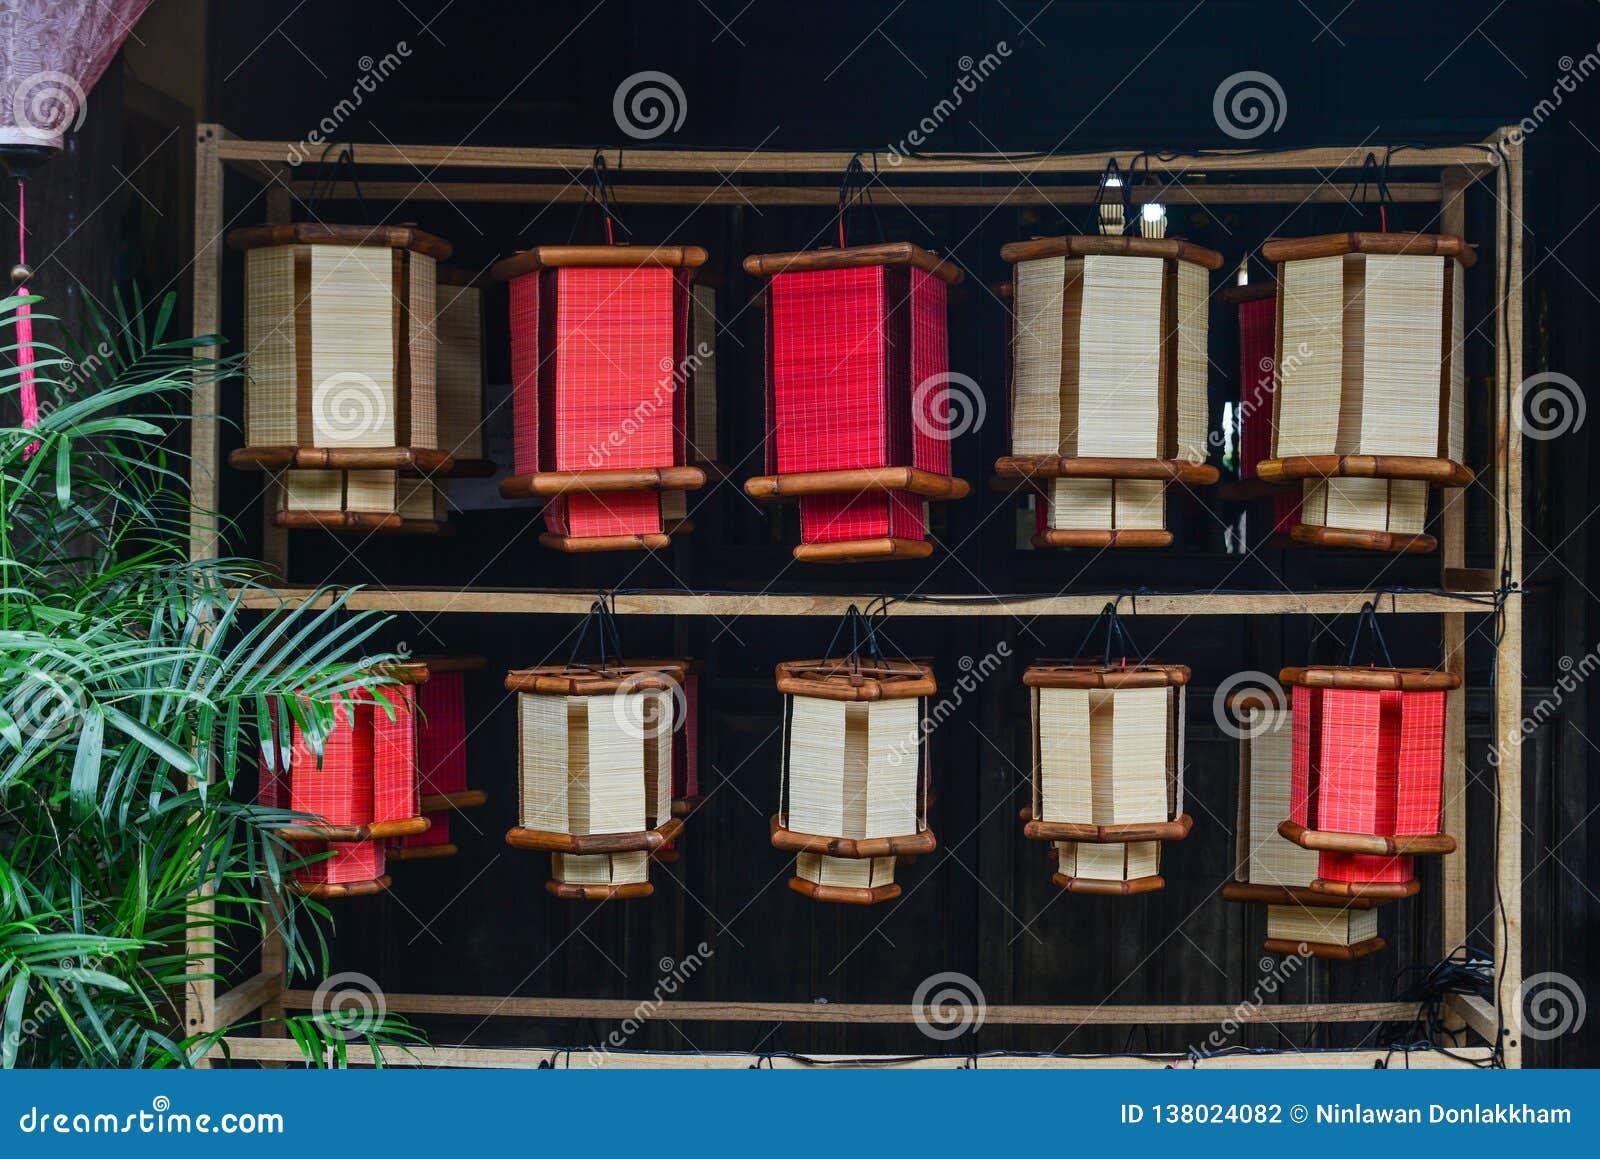 Традиционные бамбуковые фонарики для продажи